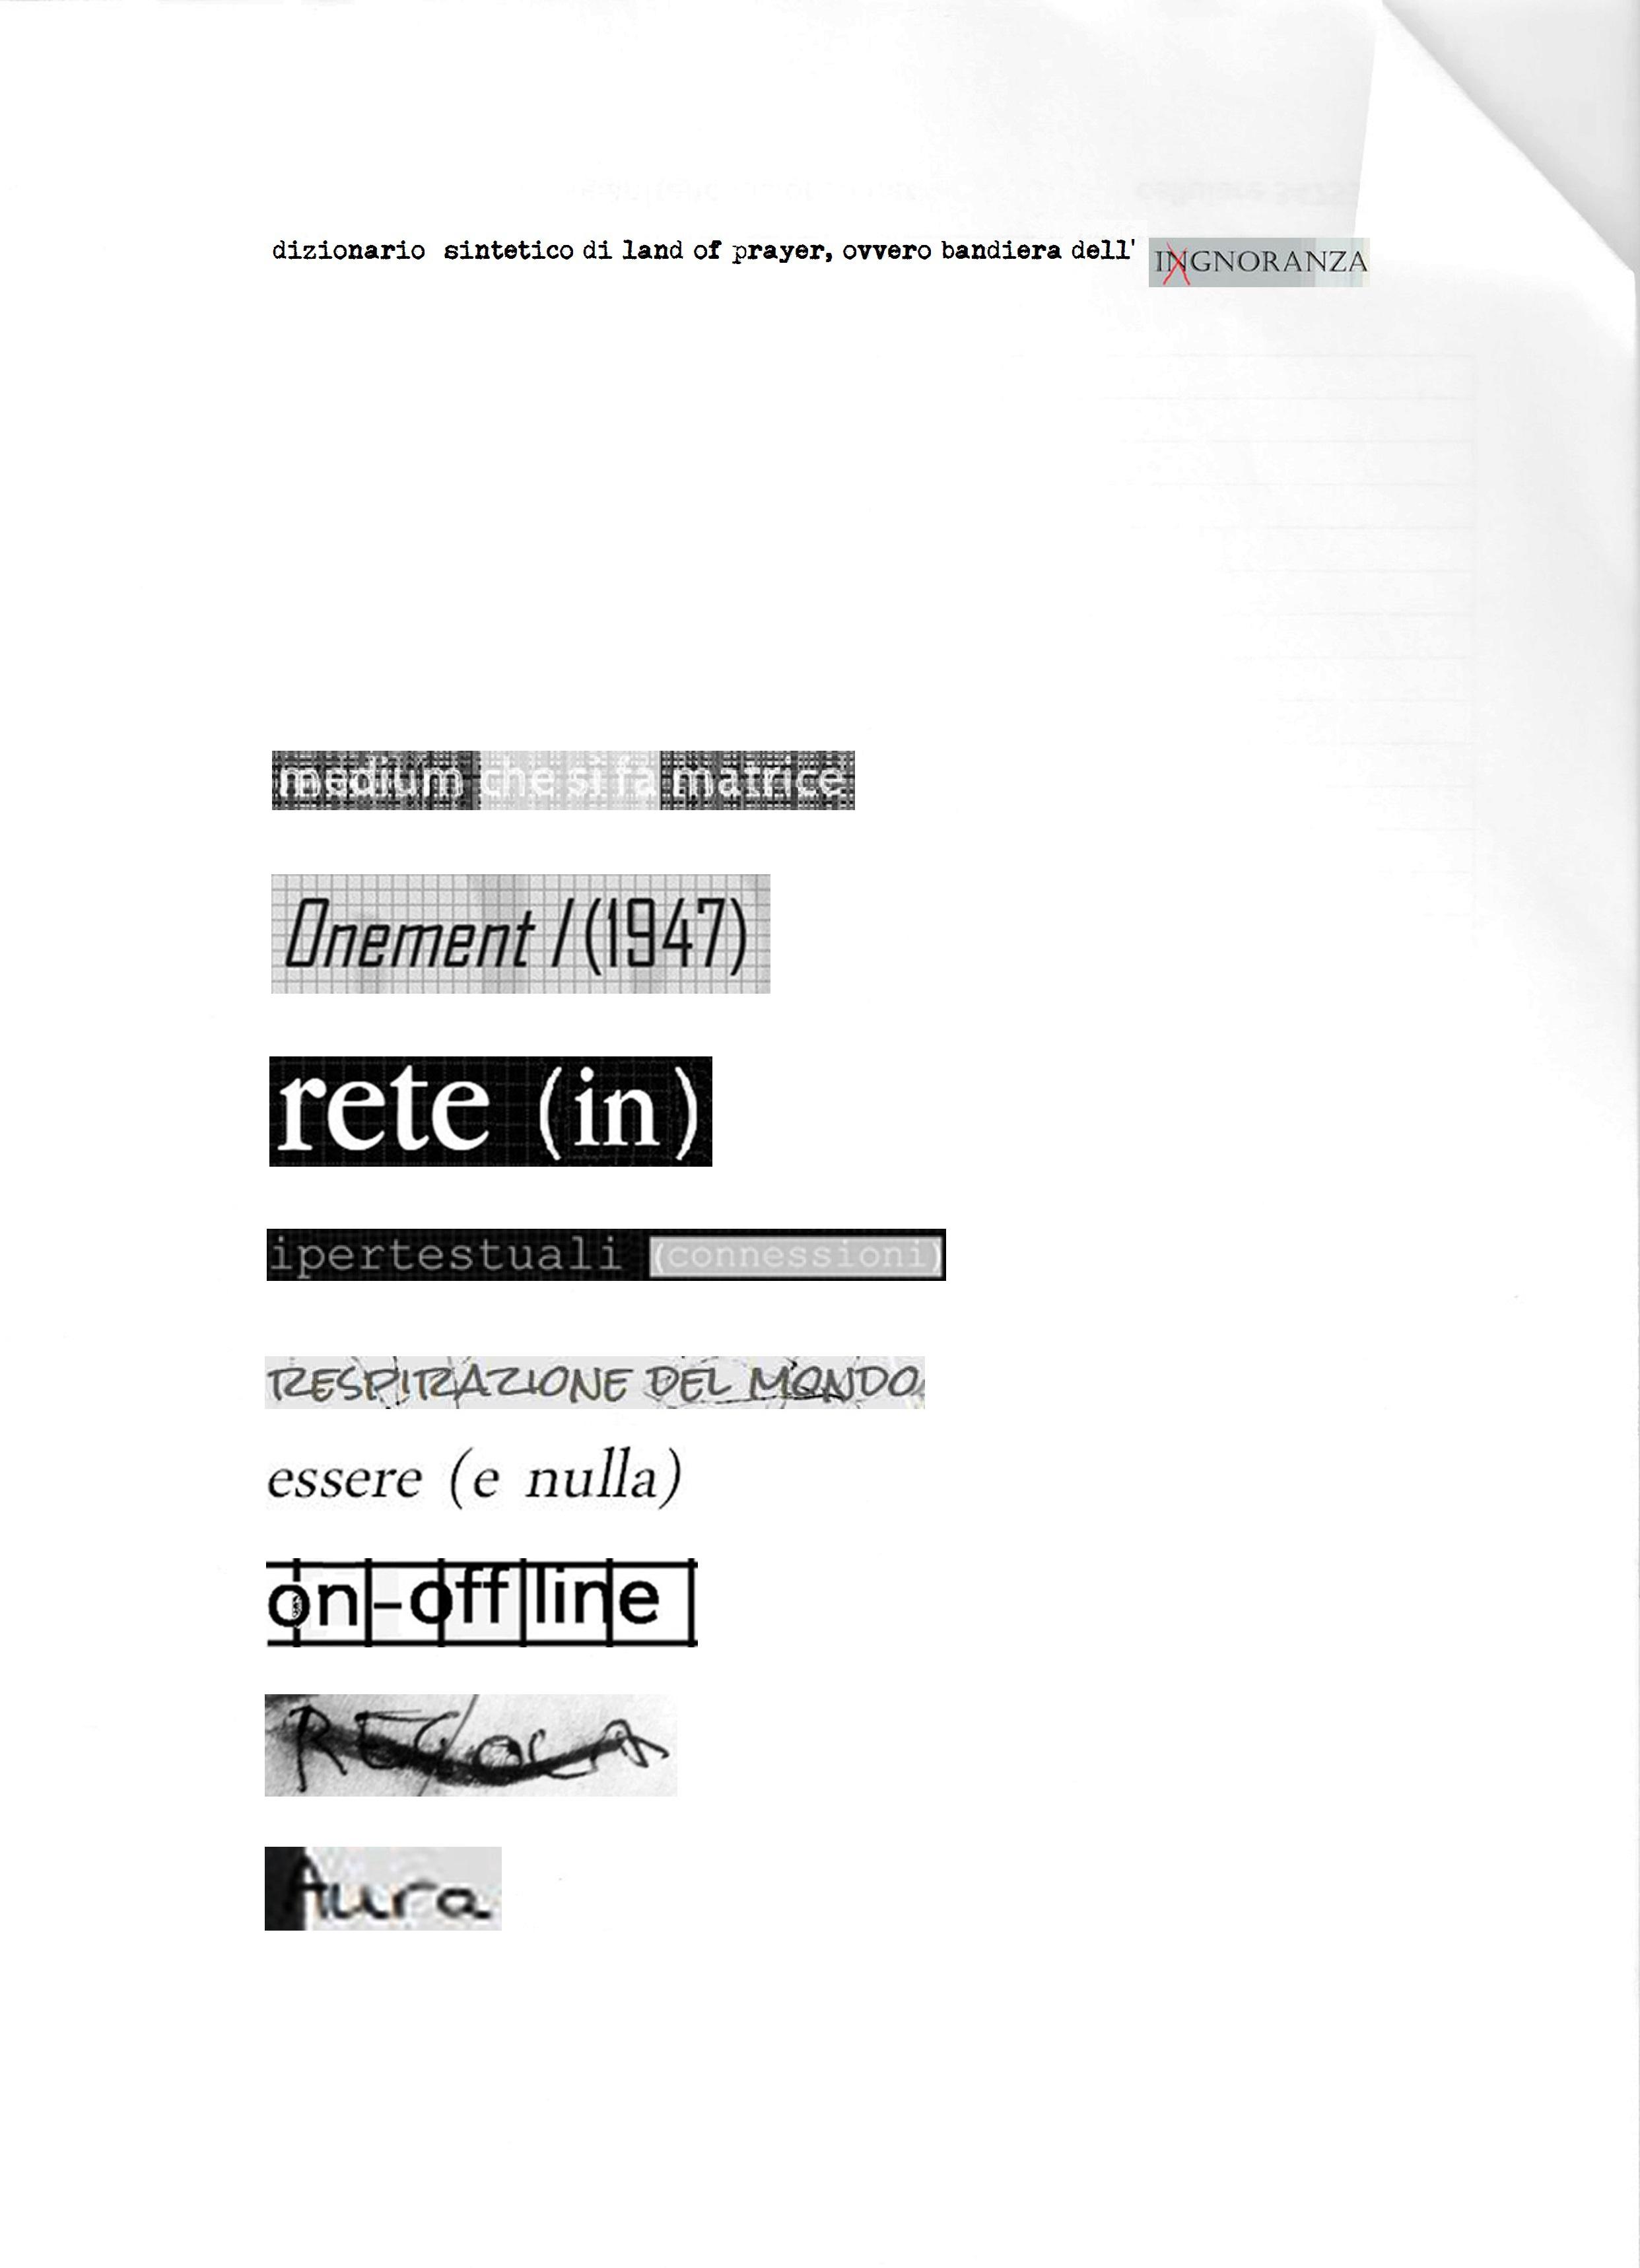 1 dizonario sintetico